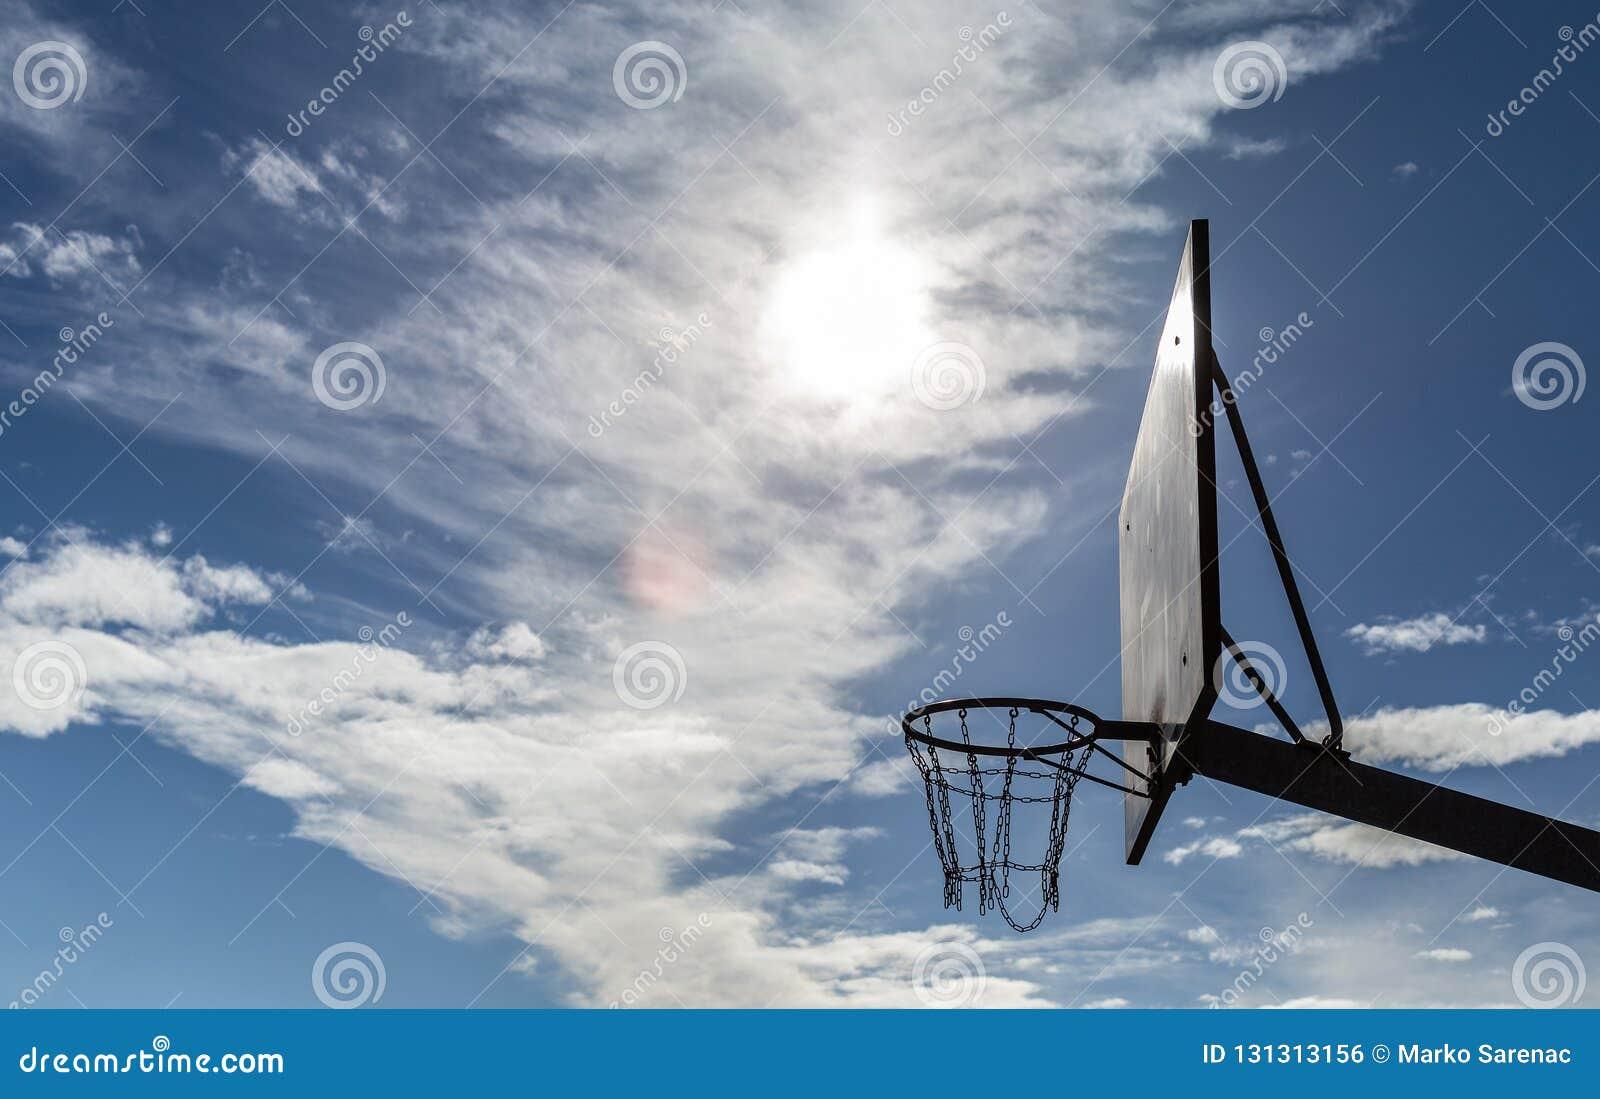 Basket förtjänar boaen sport solig dag